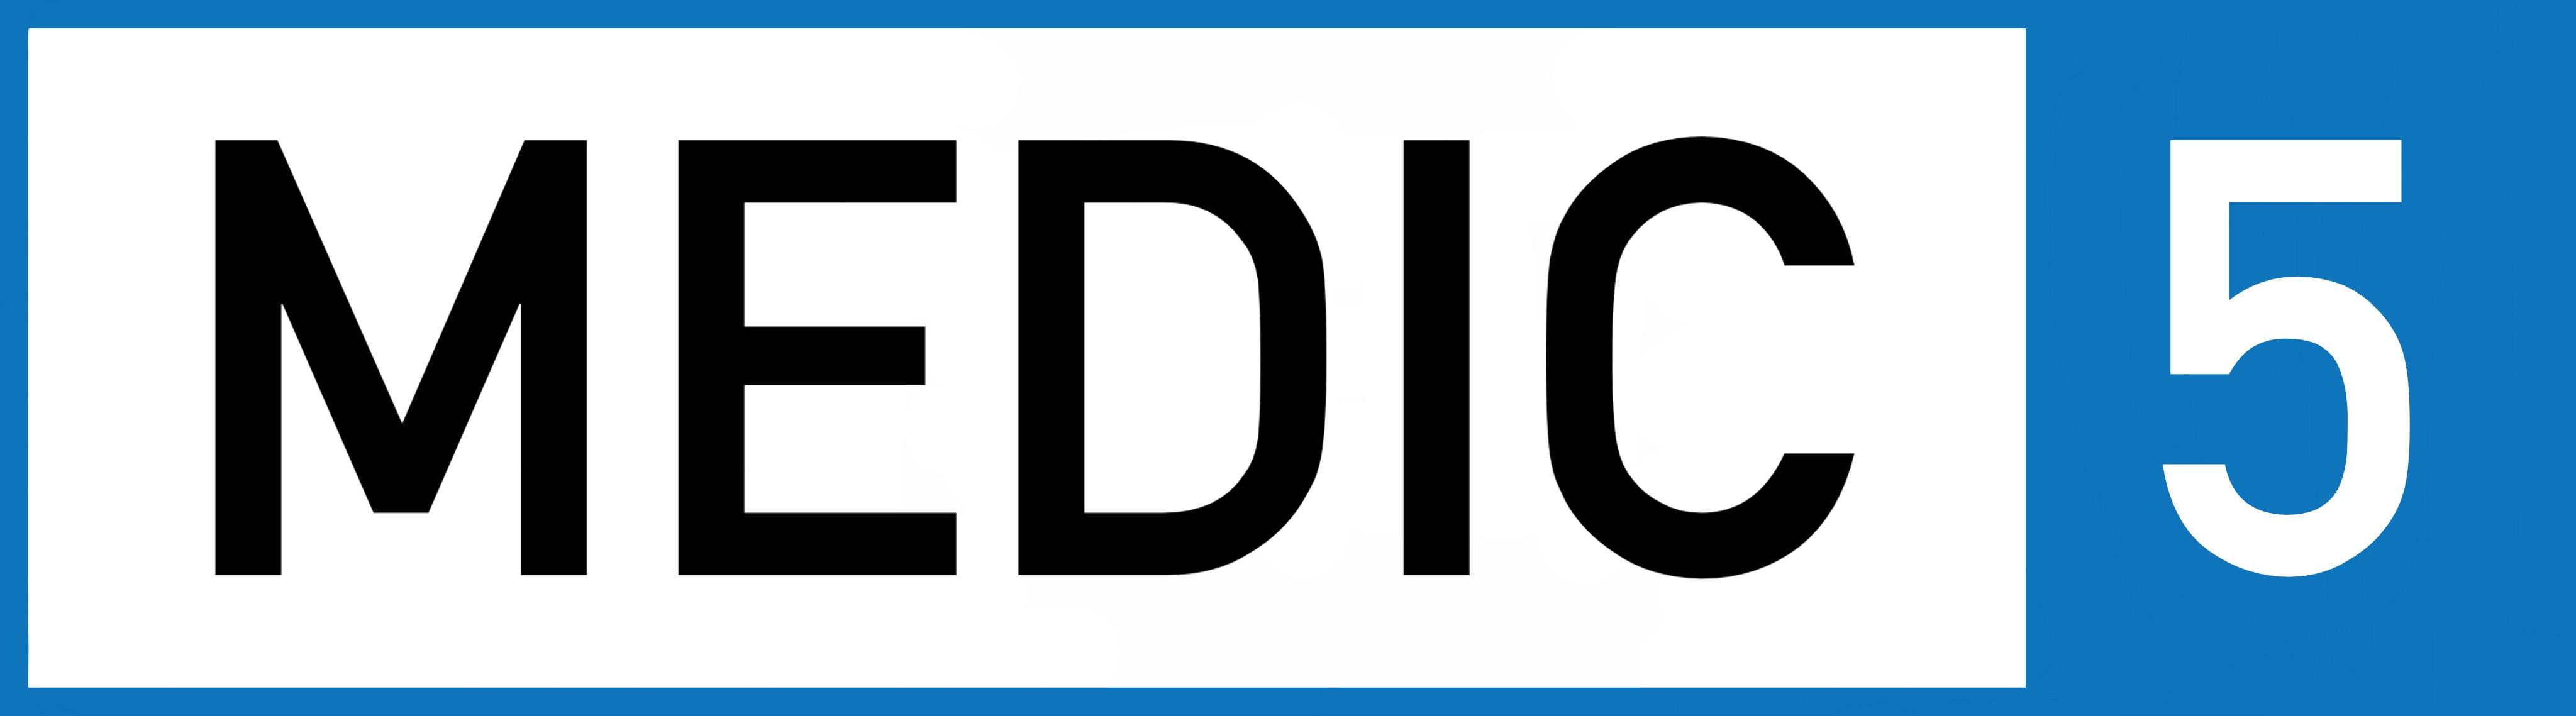 Готовый логотип или эскиз (мед. тематика) фото f_53155acd77e52c41.jpg